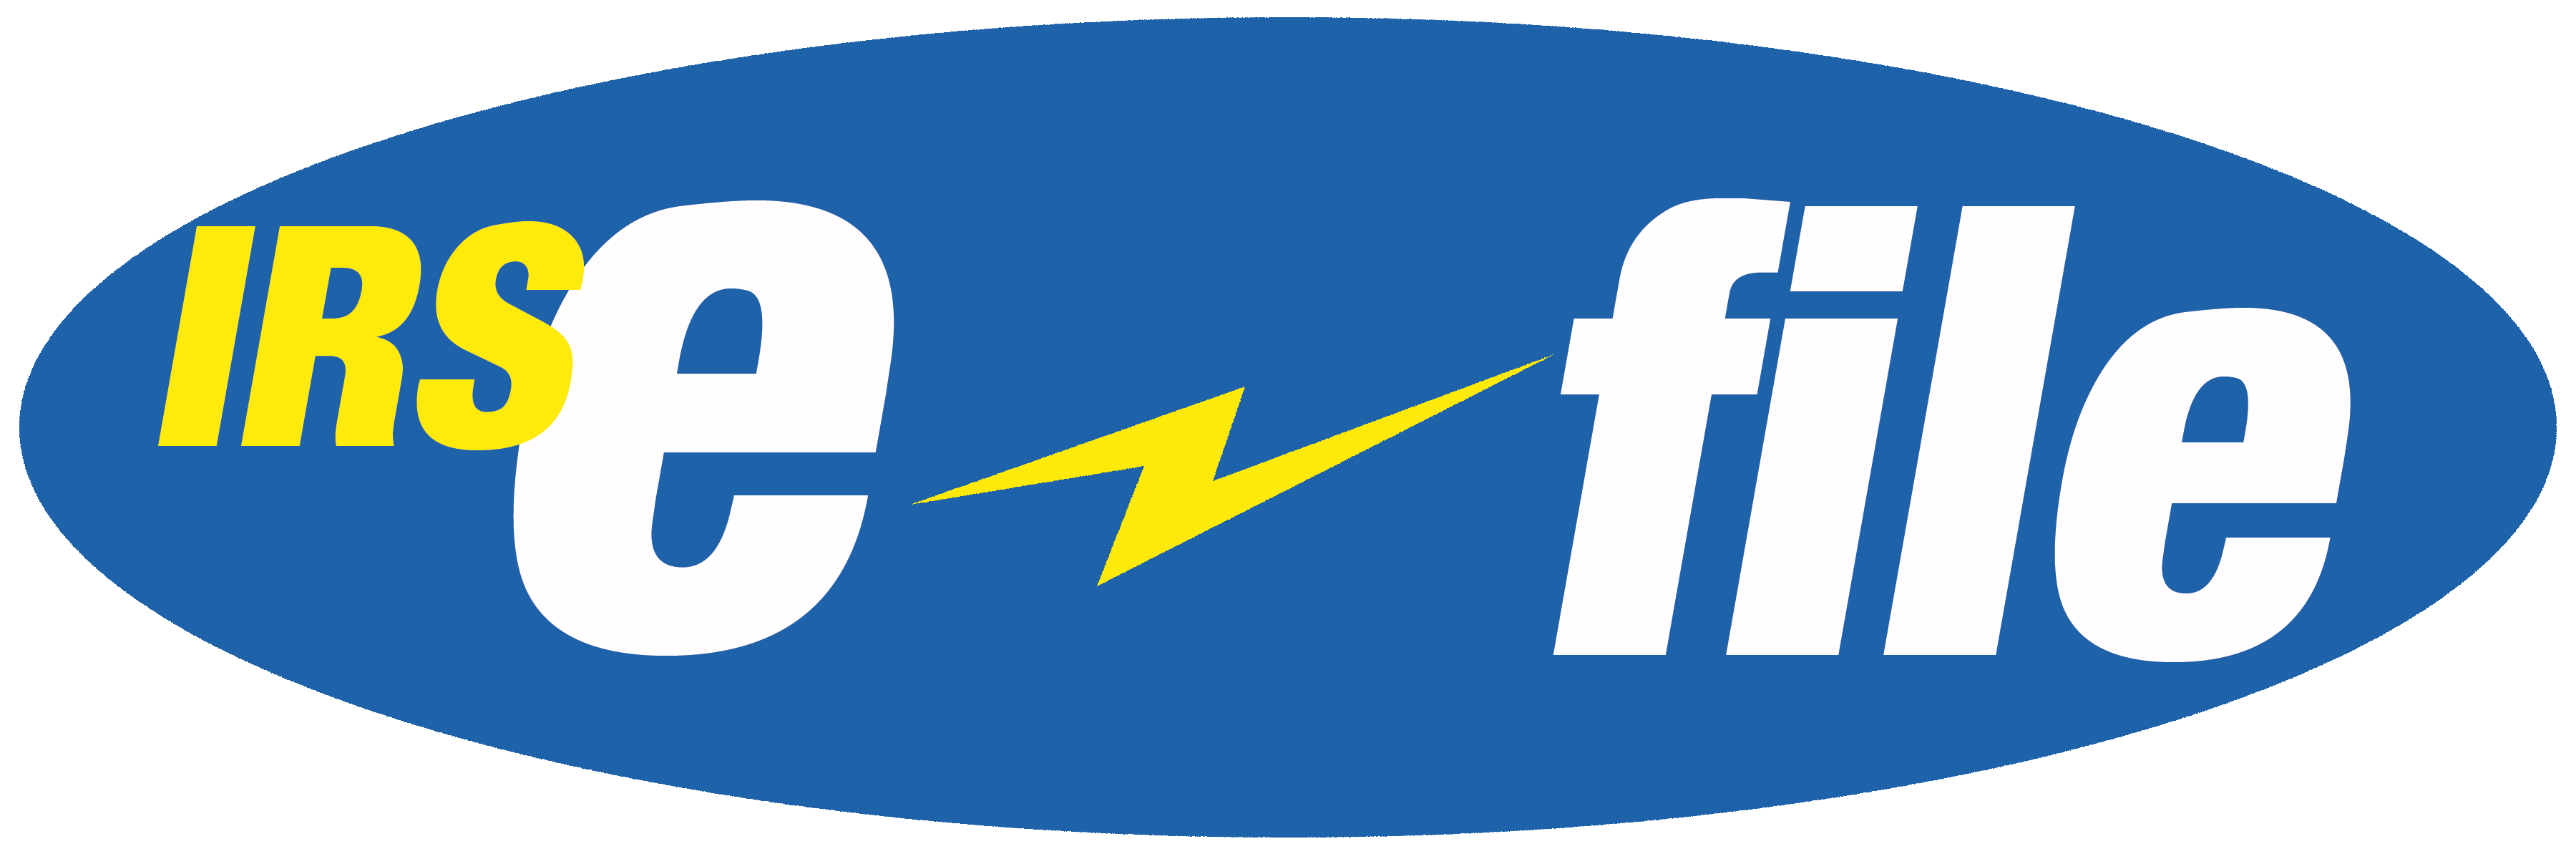 IRS E-File logo